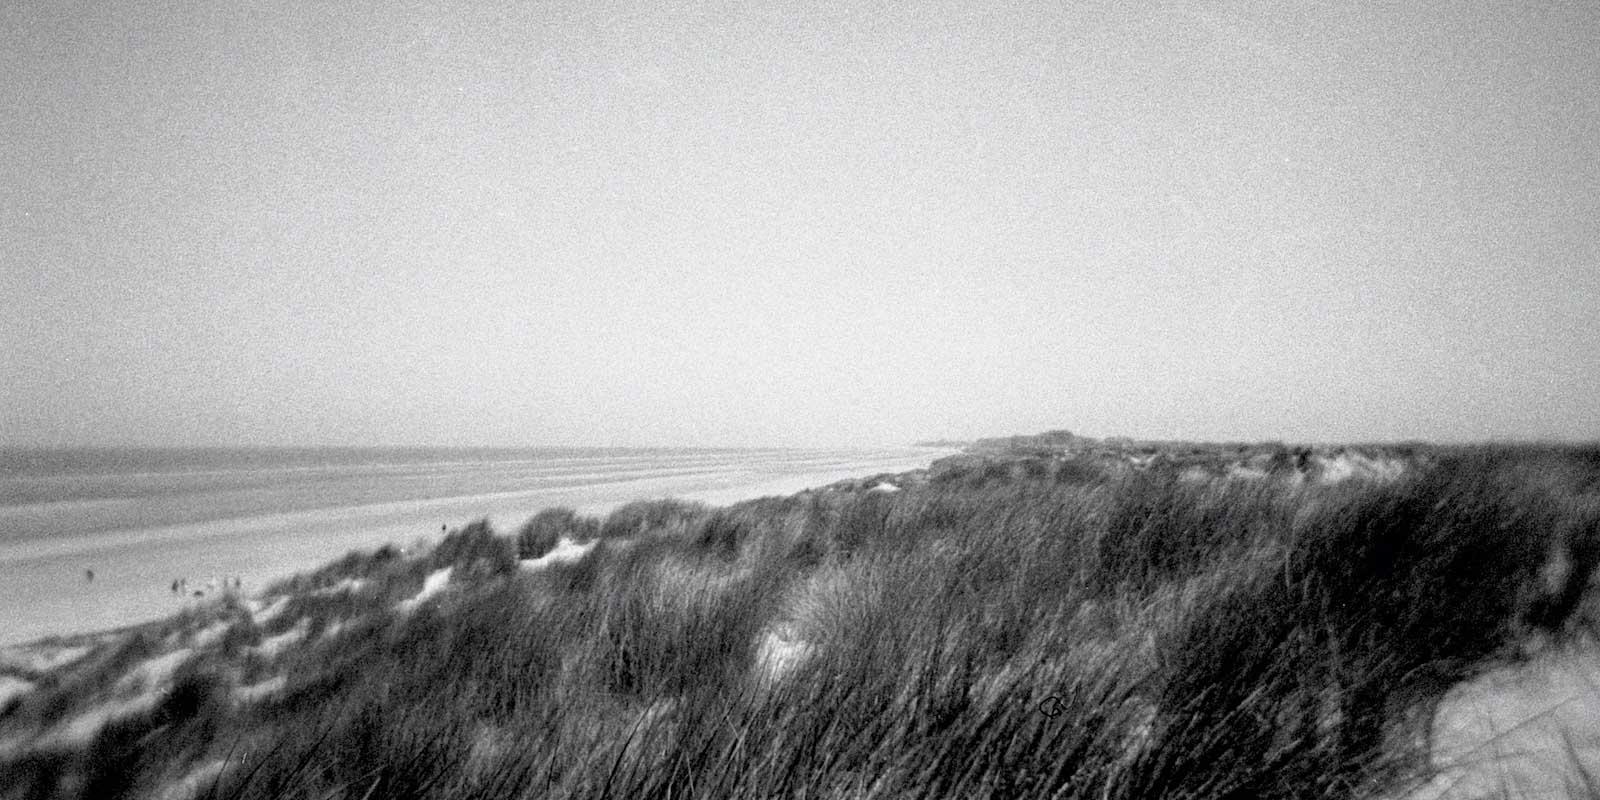 mon travail d'auteur photographe en photographie argentique